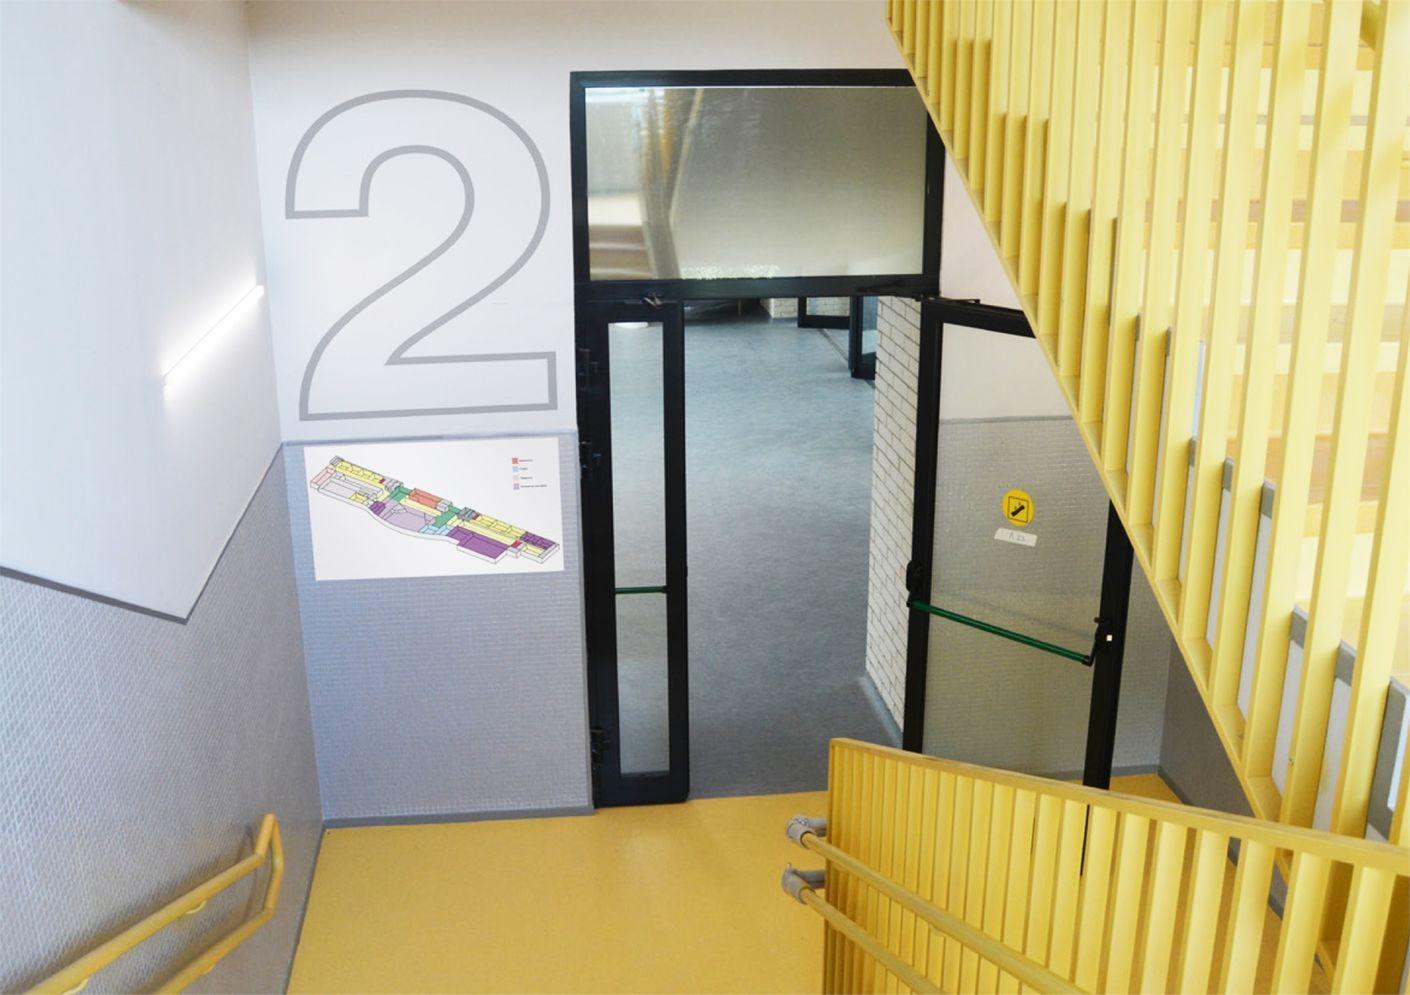 Брендинг школы 548 в Москве от Лаборатории дизайна НИУ ВШЭ - hsedesignlab.ru.